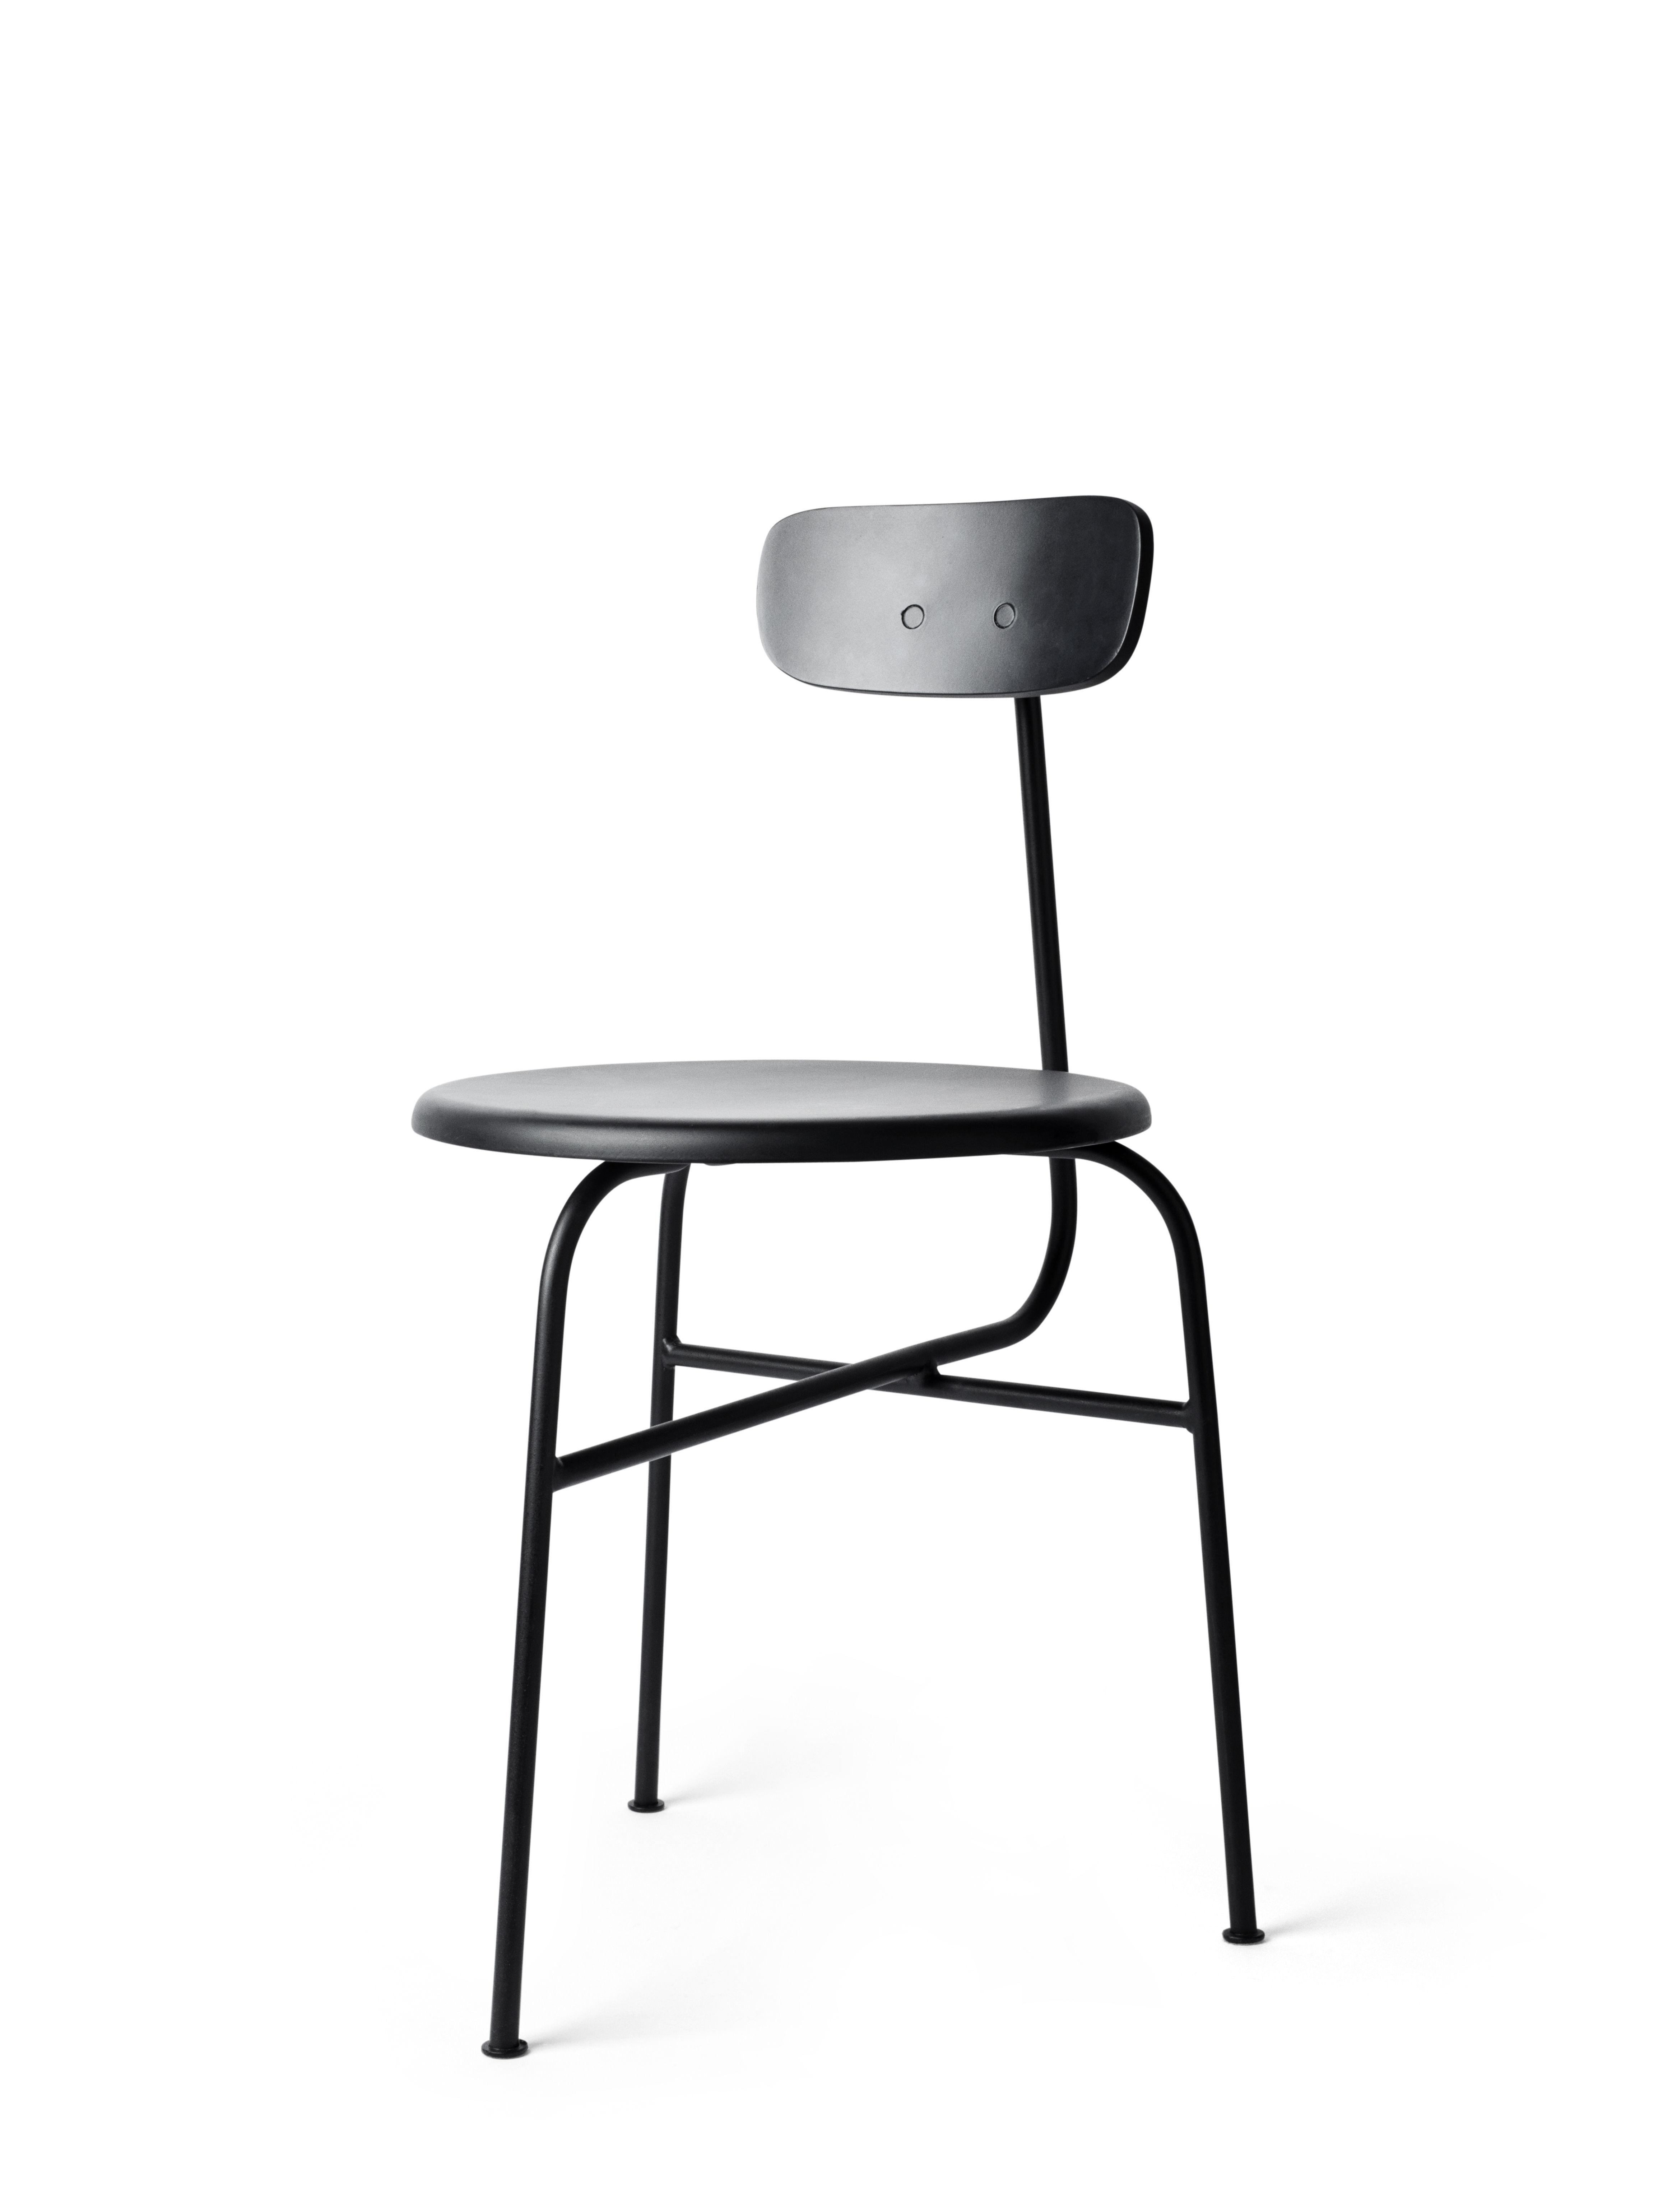 afteroom stuhl sitzfl che aus holz schwarz by menu made in design. Black Bedroom Furniture Sets. Home Design Ideas